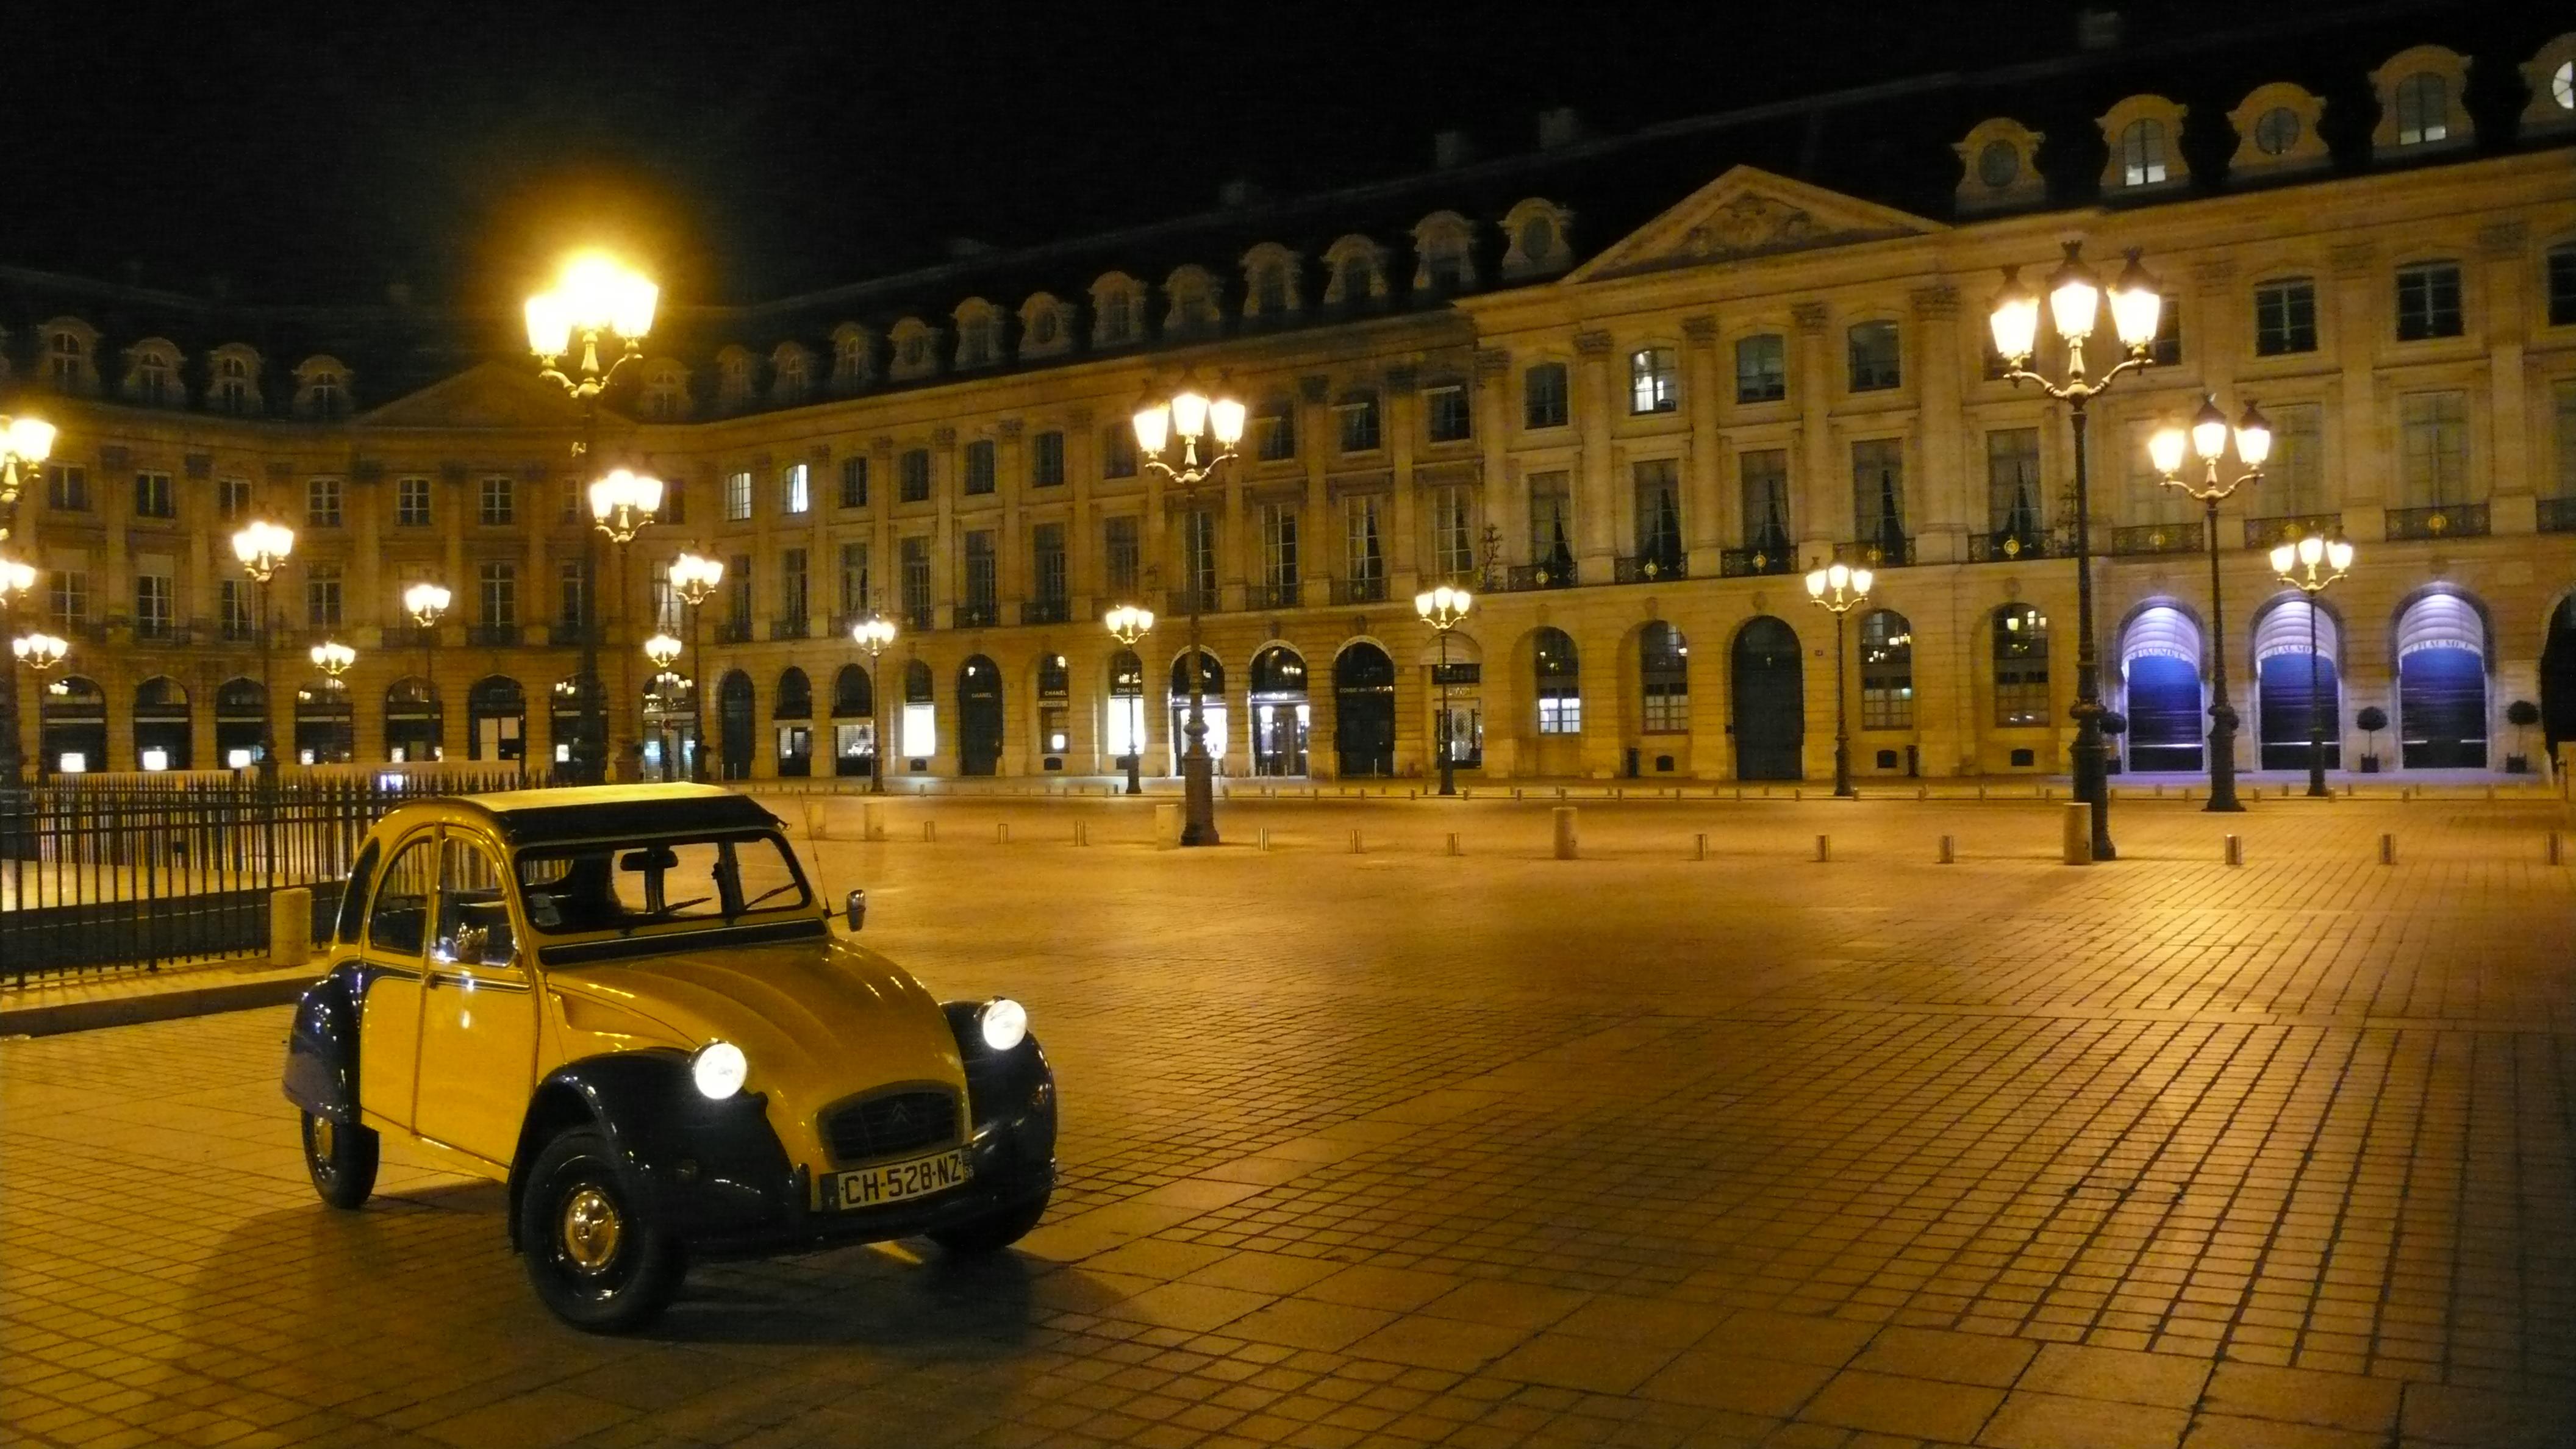 2cv paris tour visit paris by 2cv place vend me by night. Black Bedroom Furniture Sets. Home Design Ideas